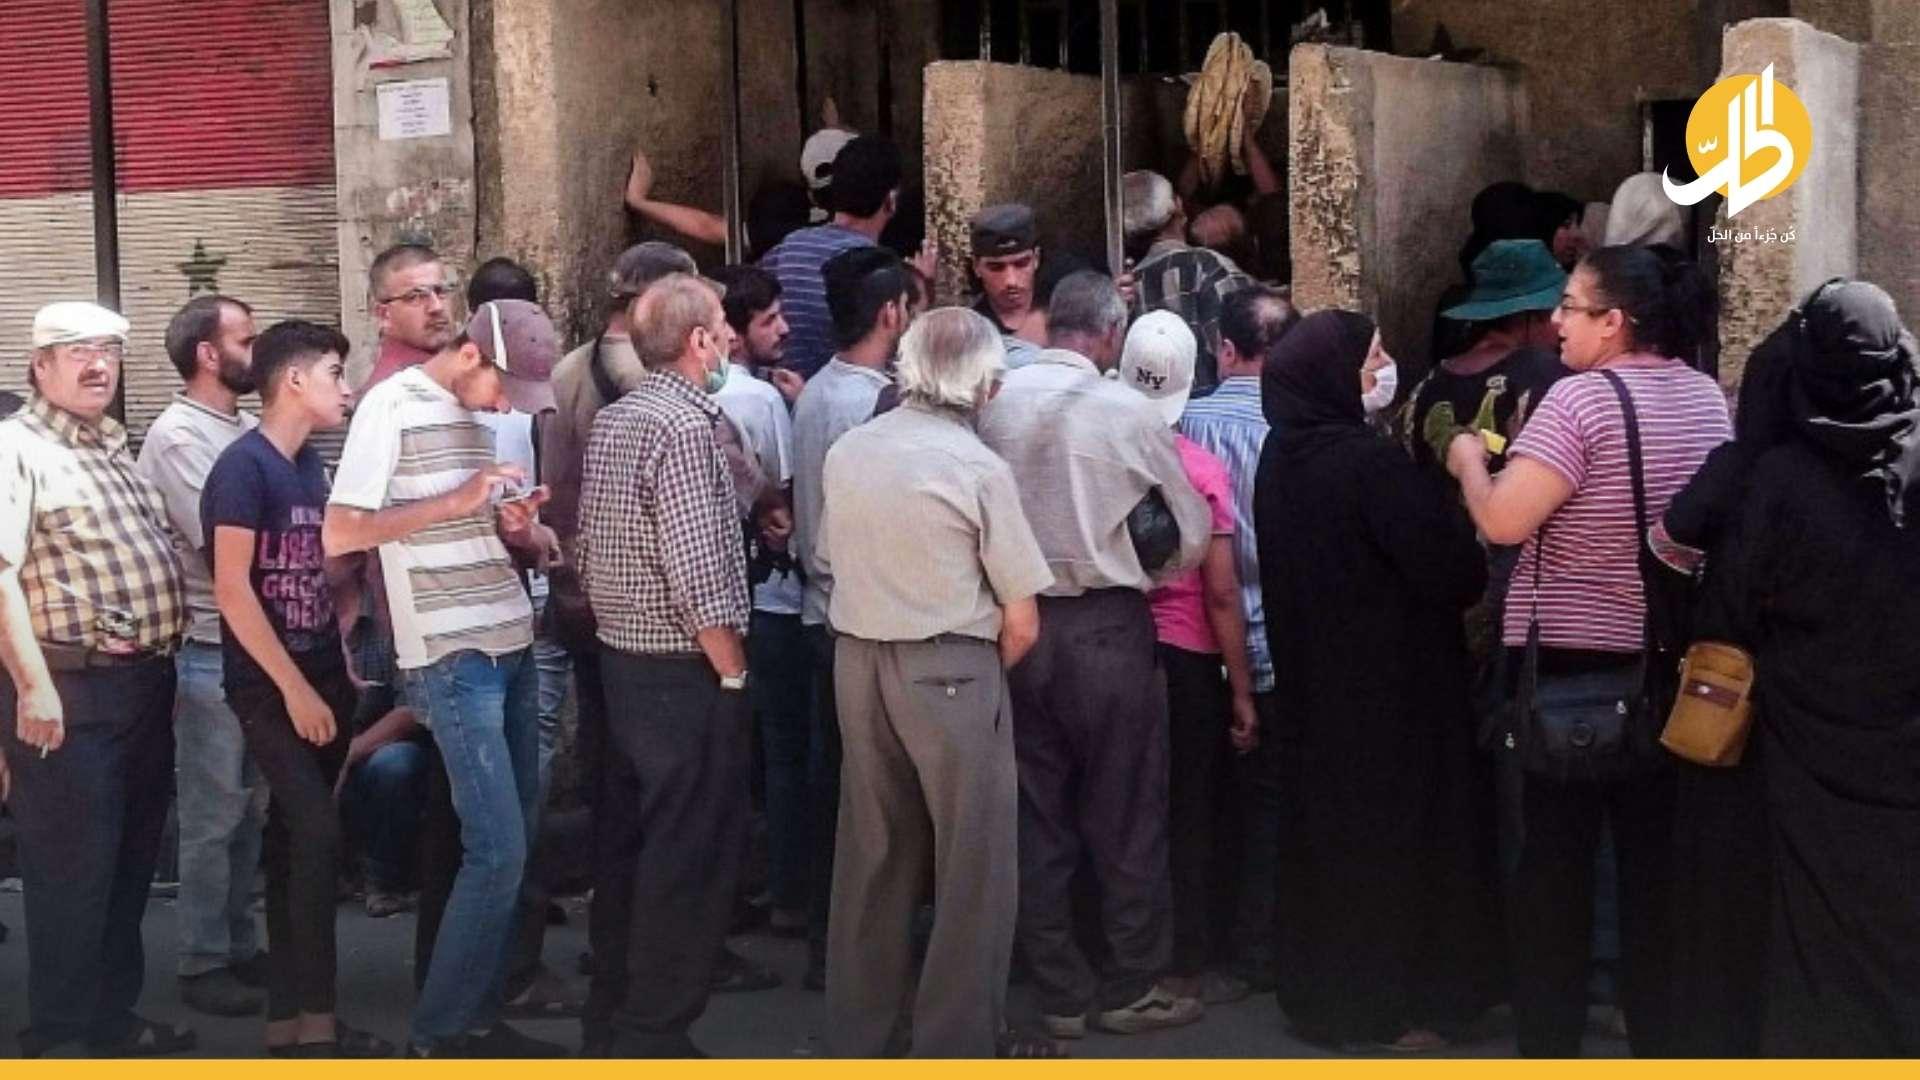 المرصد السوري: مناطق الحكومة السورية تعيش حالةً من الفلتان الأمني غير المسبوق